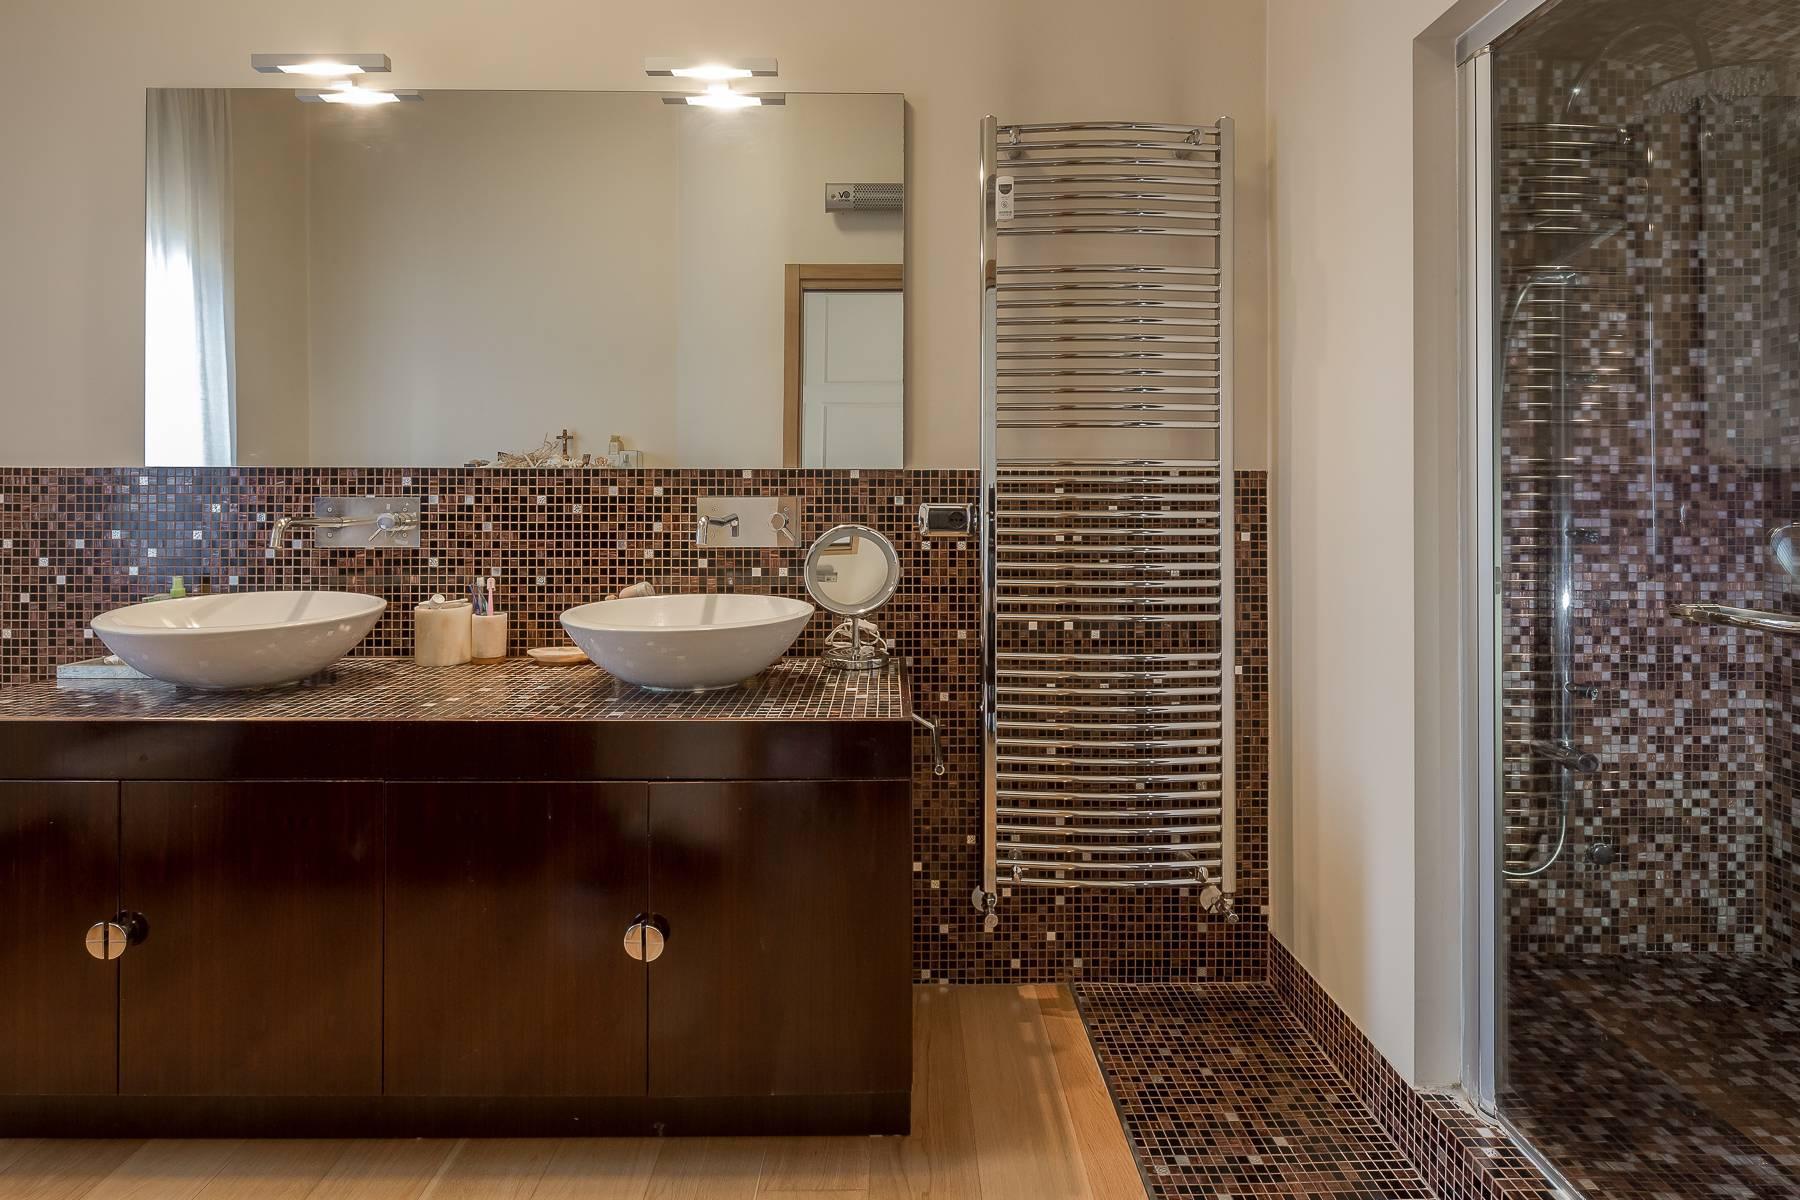 Квартира в классическом стиле на via Besana - 9